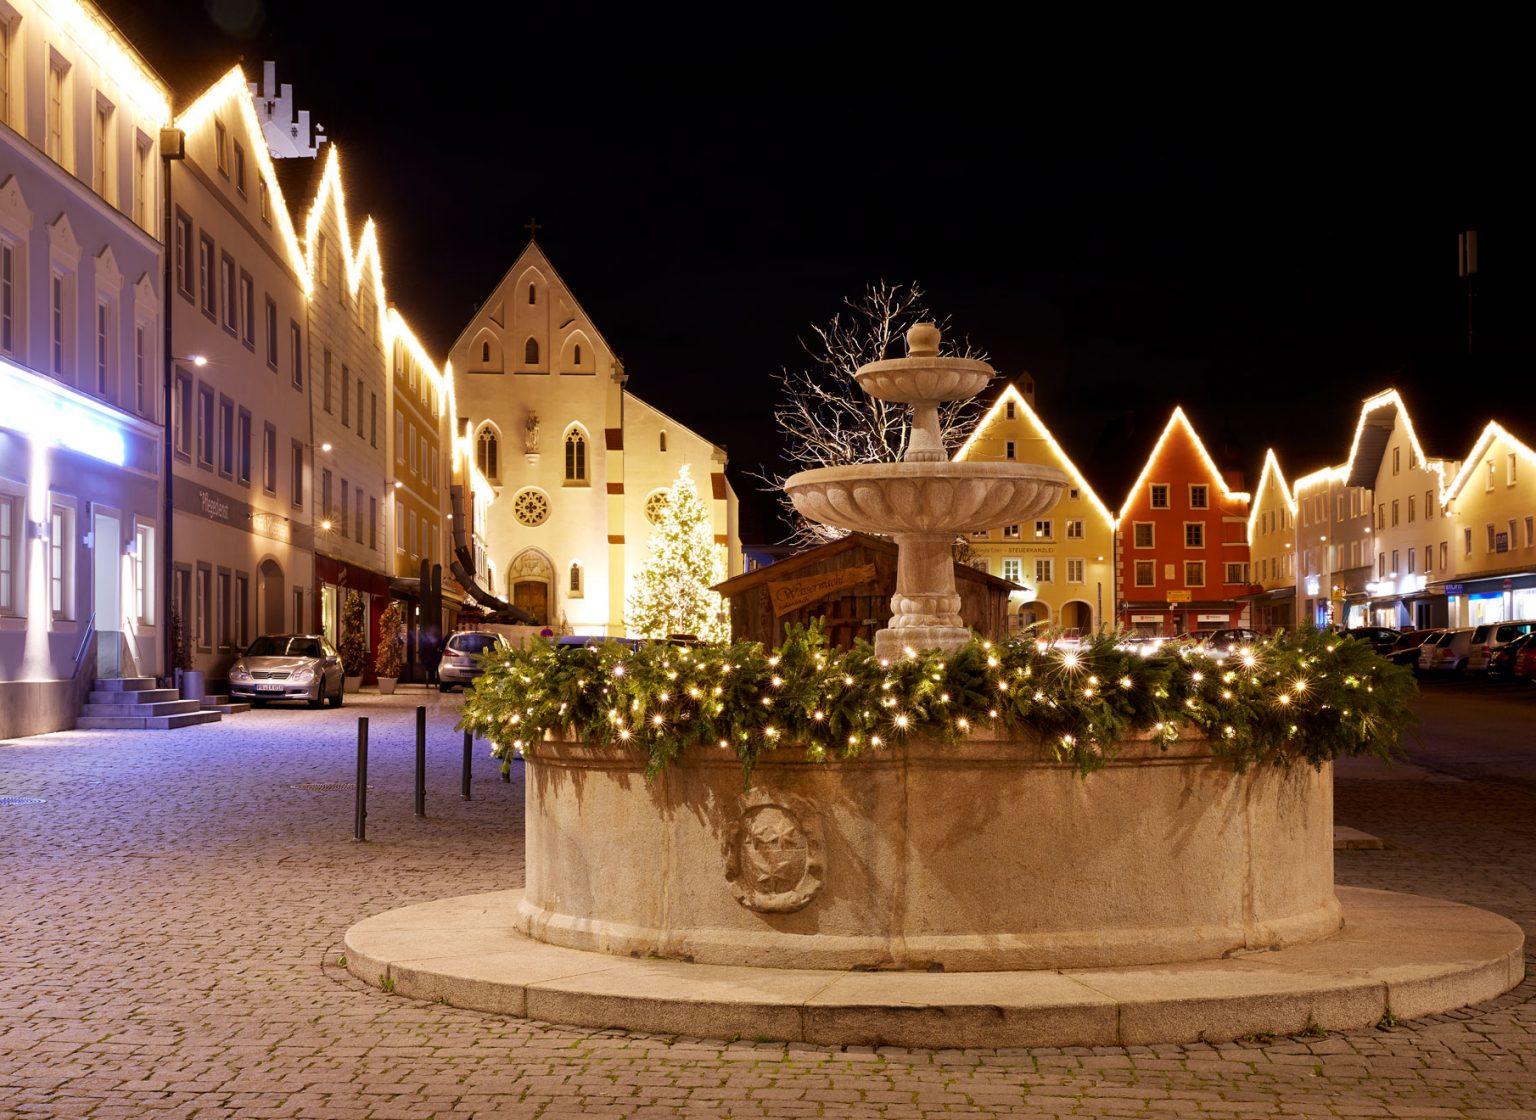 Weihnachtsbeleuchtung am Marktplatz in Markt Aidenbach, Deutschland